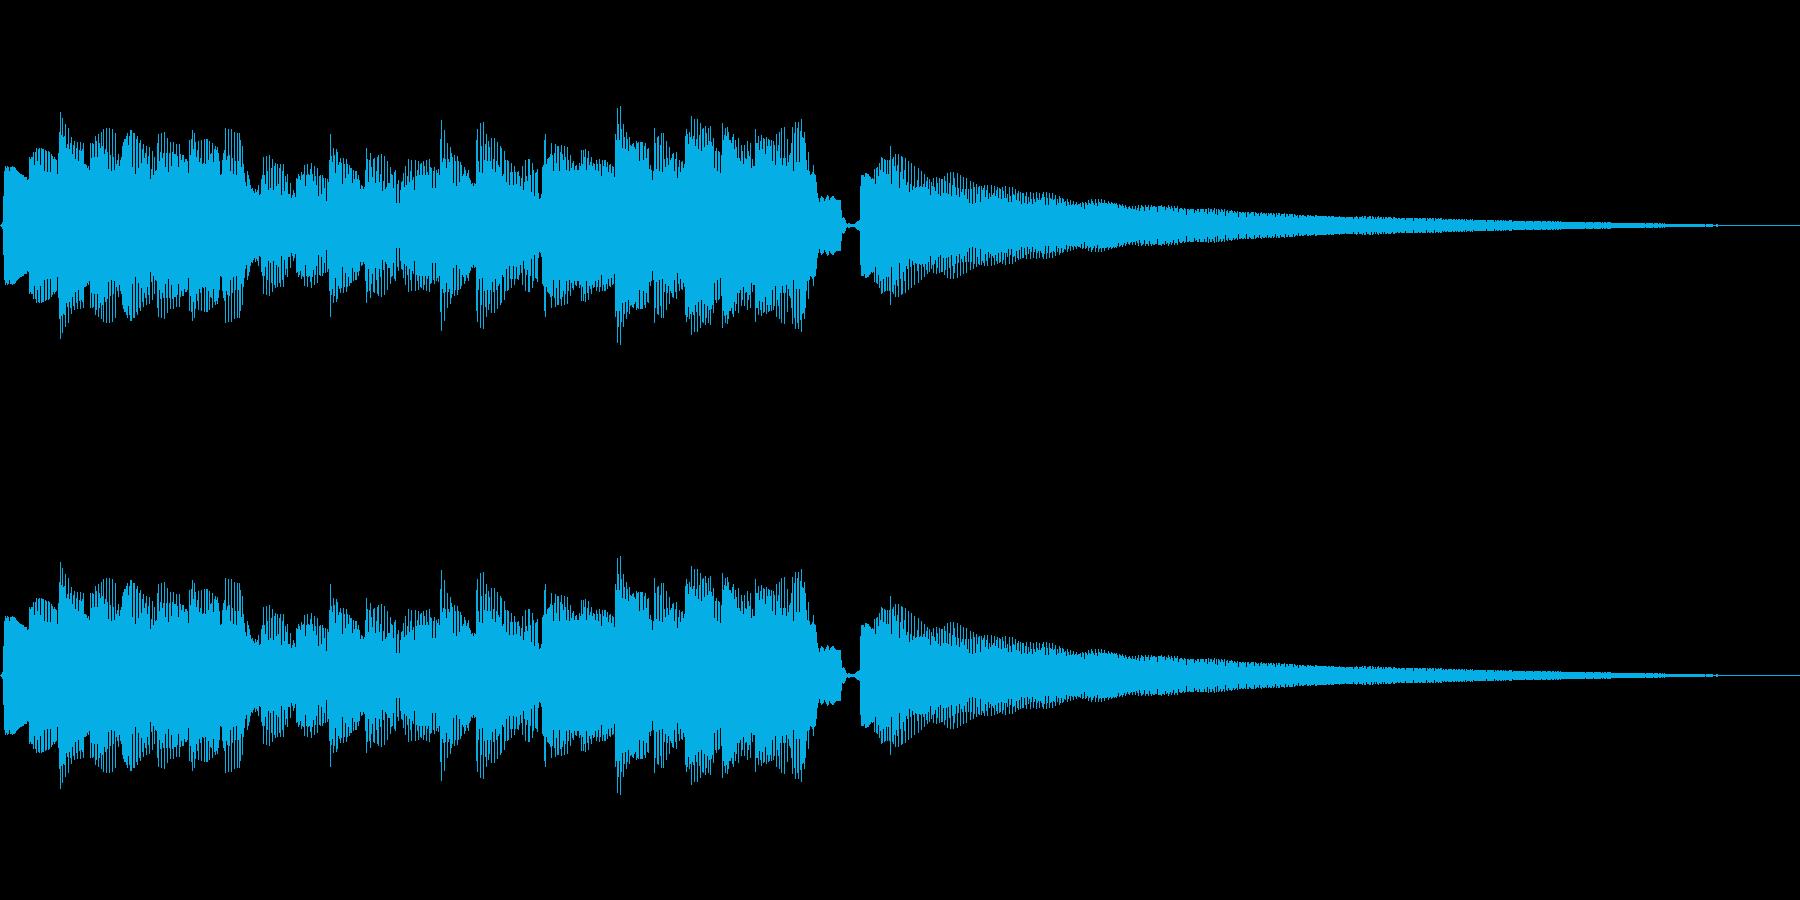 幻想的な響きの音の再生済みの波形